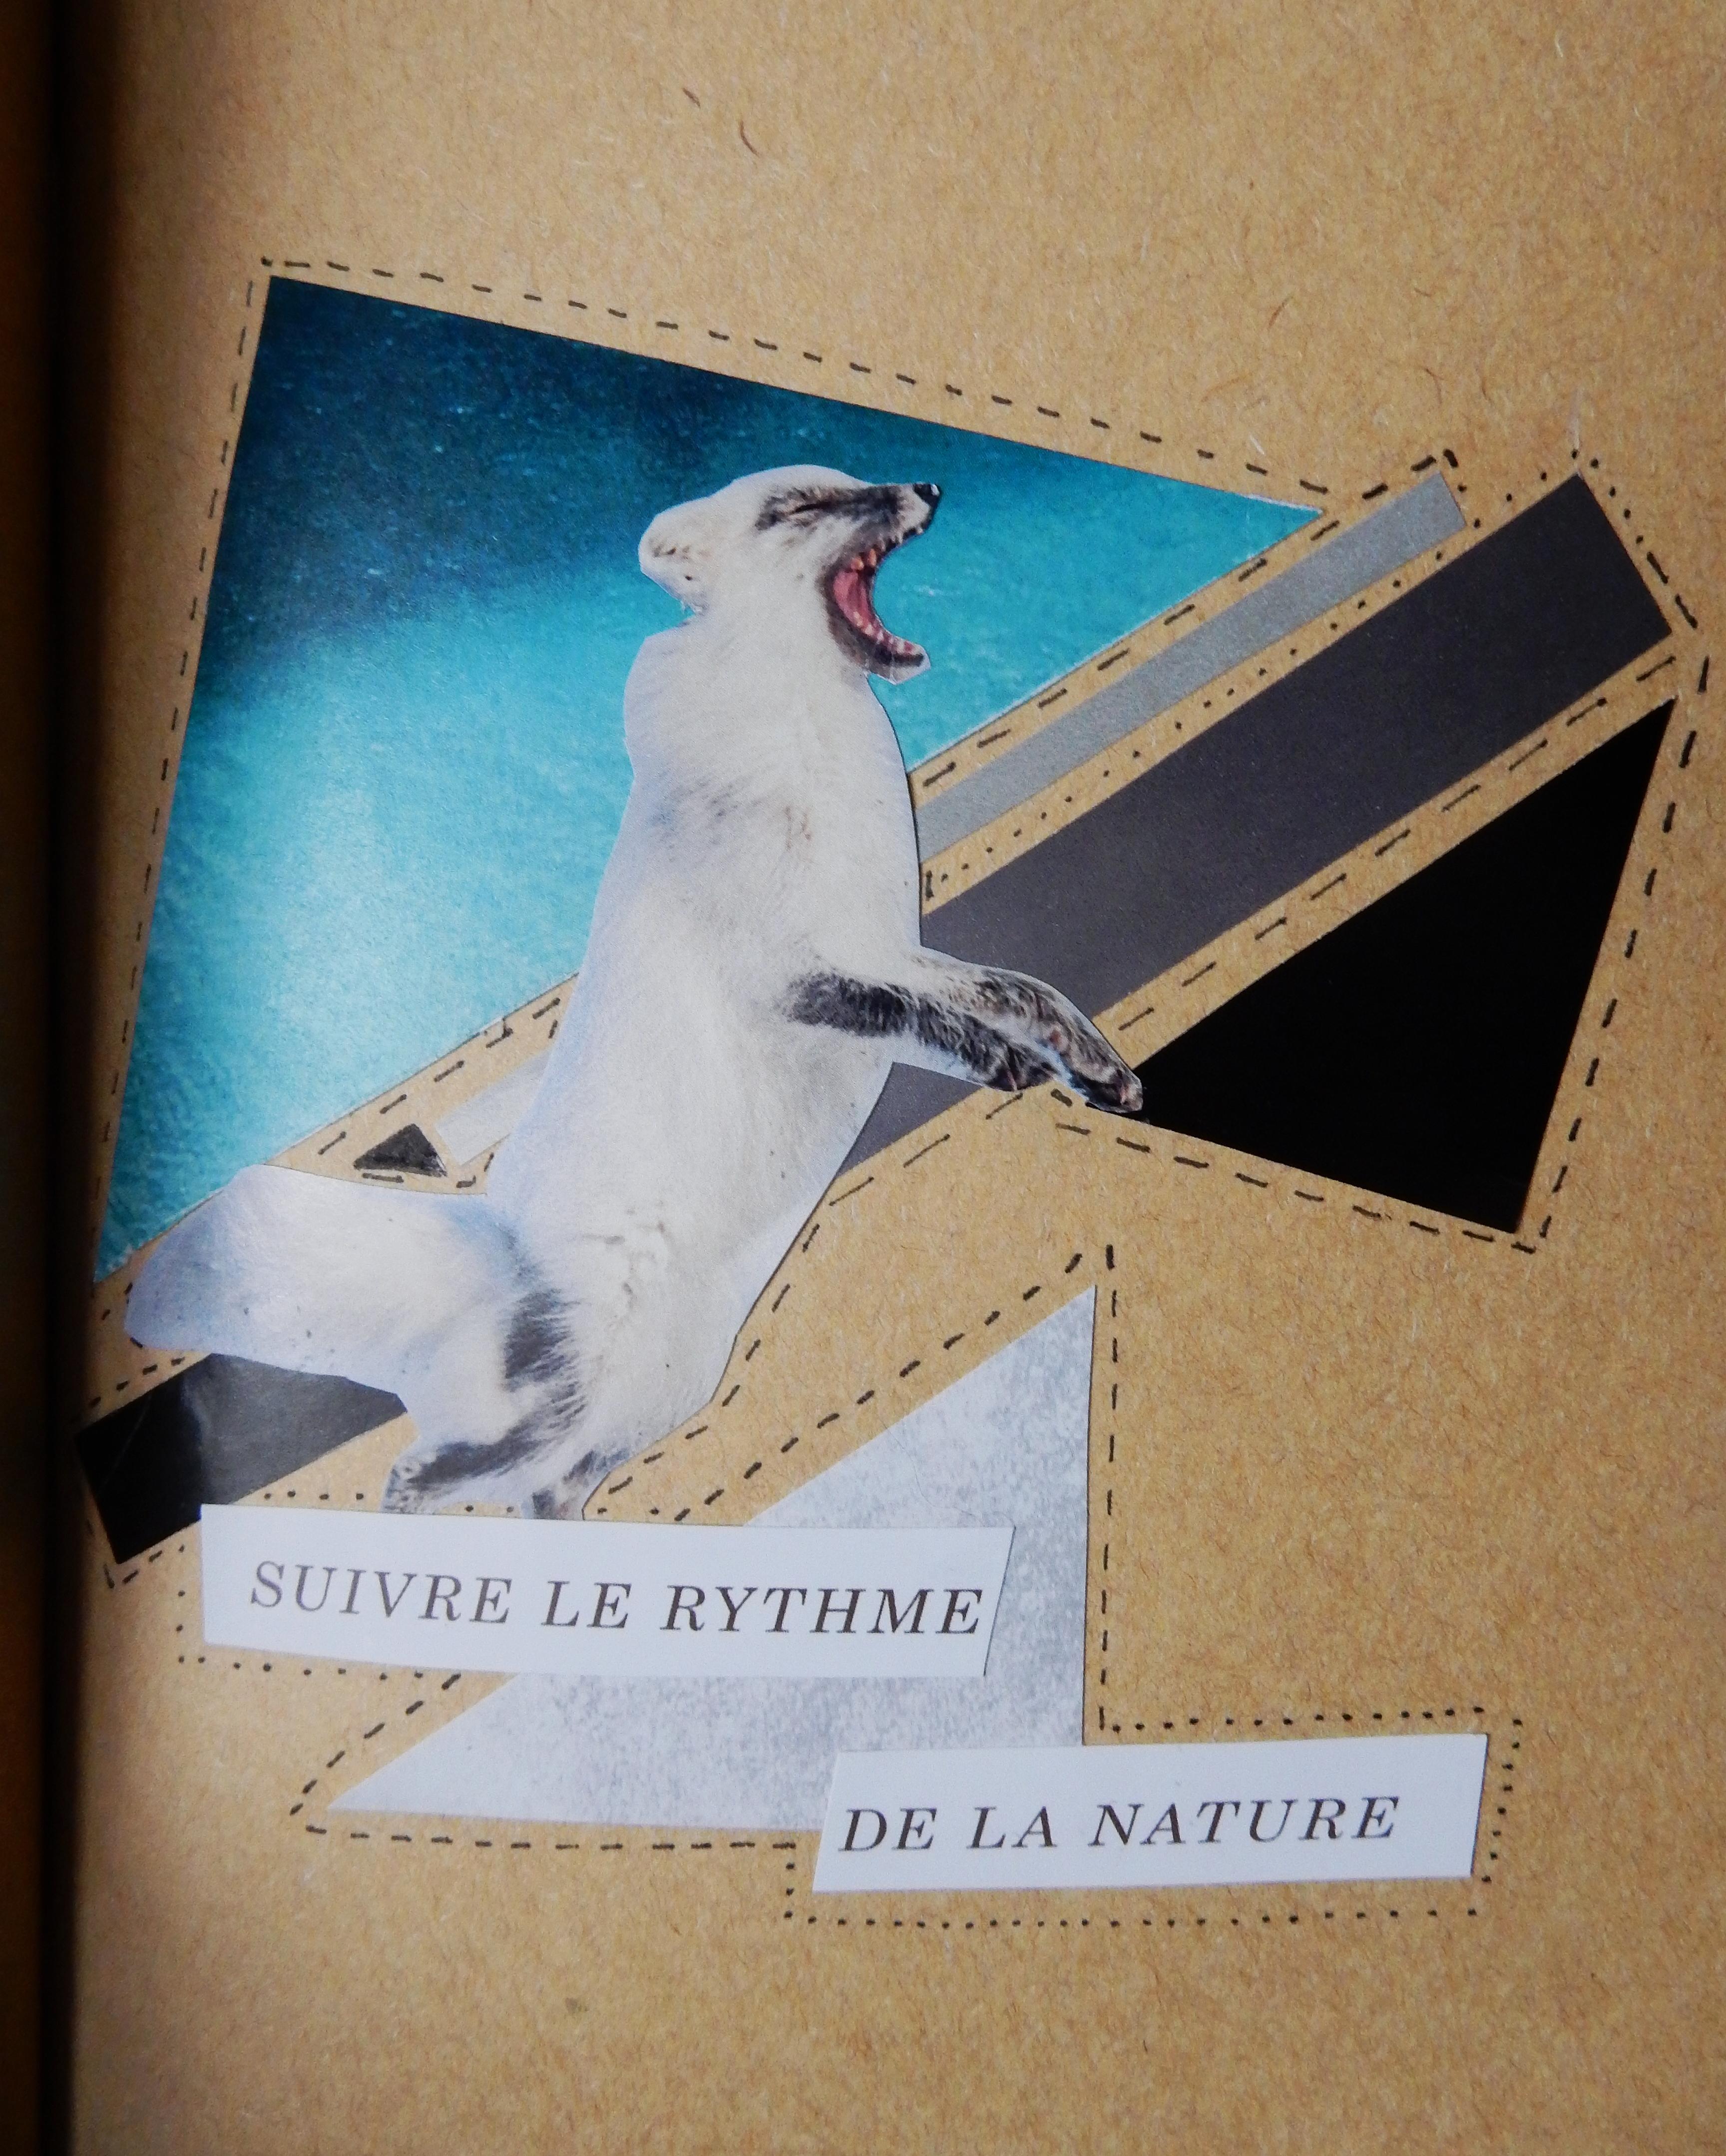 Collage papier : renard arctique et formes géométriques dans les tons de bleus, noirs, gris et blancs. On peut lire « Suivre le ryhtme de la nature » au bas.